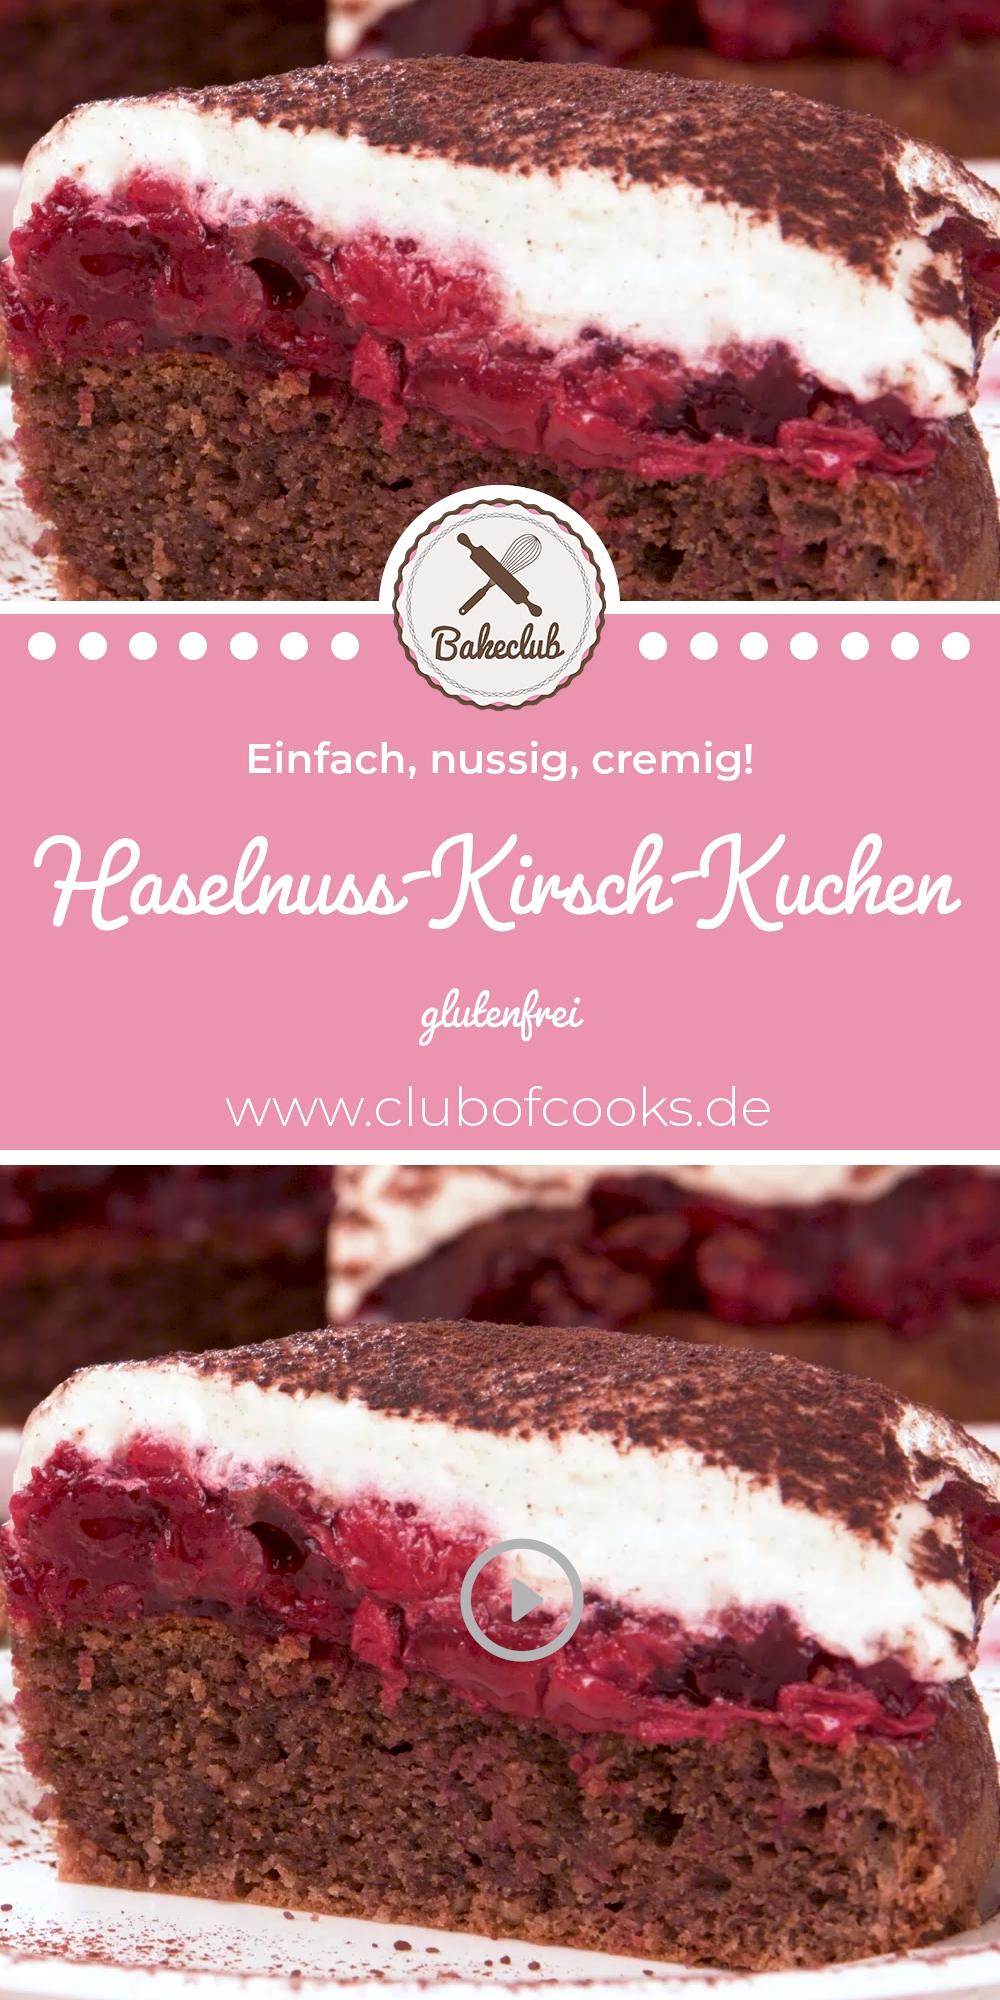 Haselnuss-Kirsch-Kuchen (glutenfrei) | BakeClub